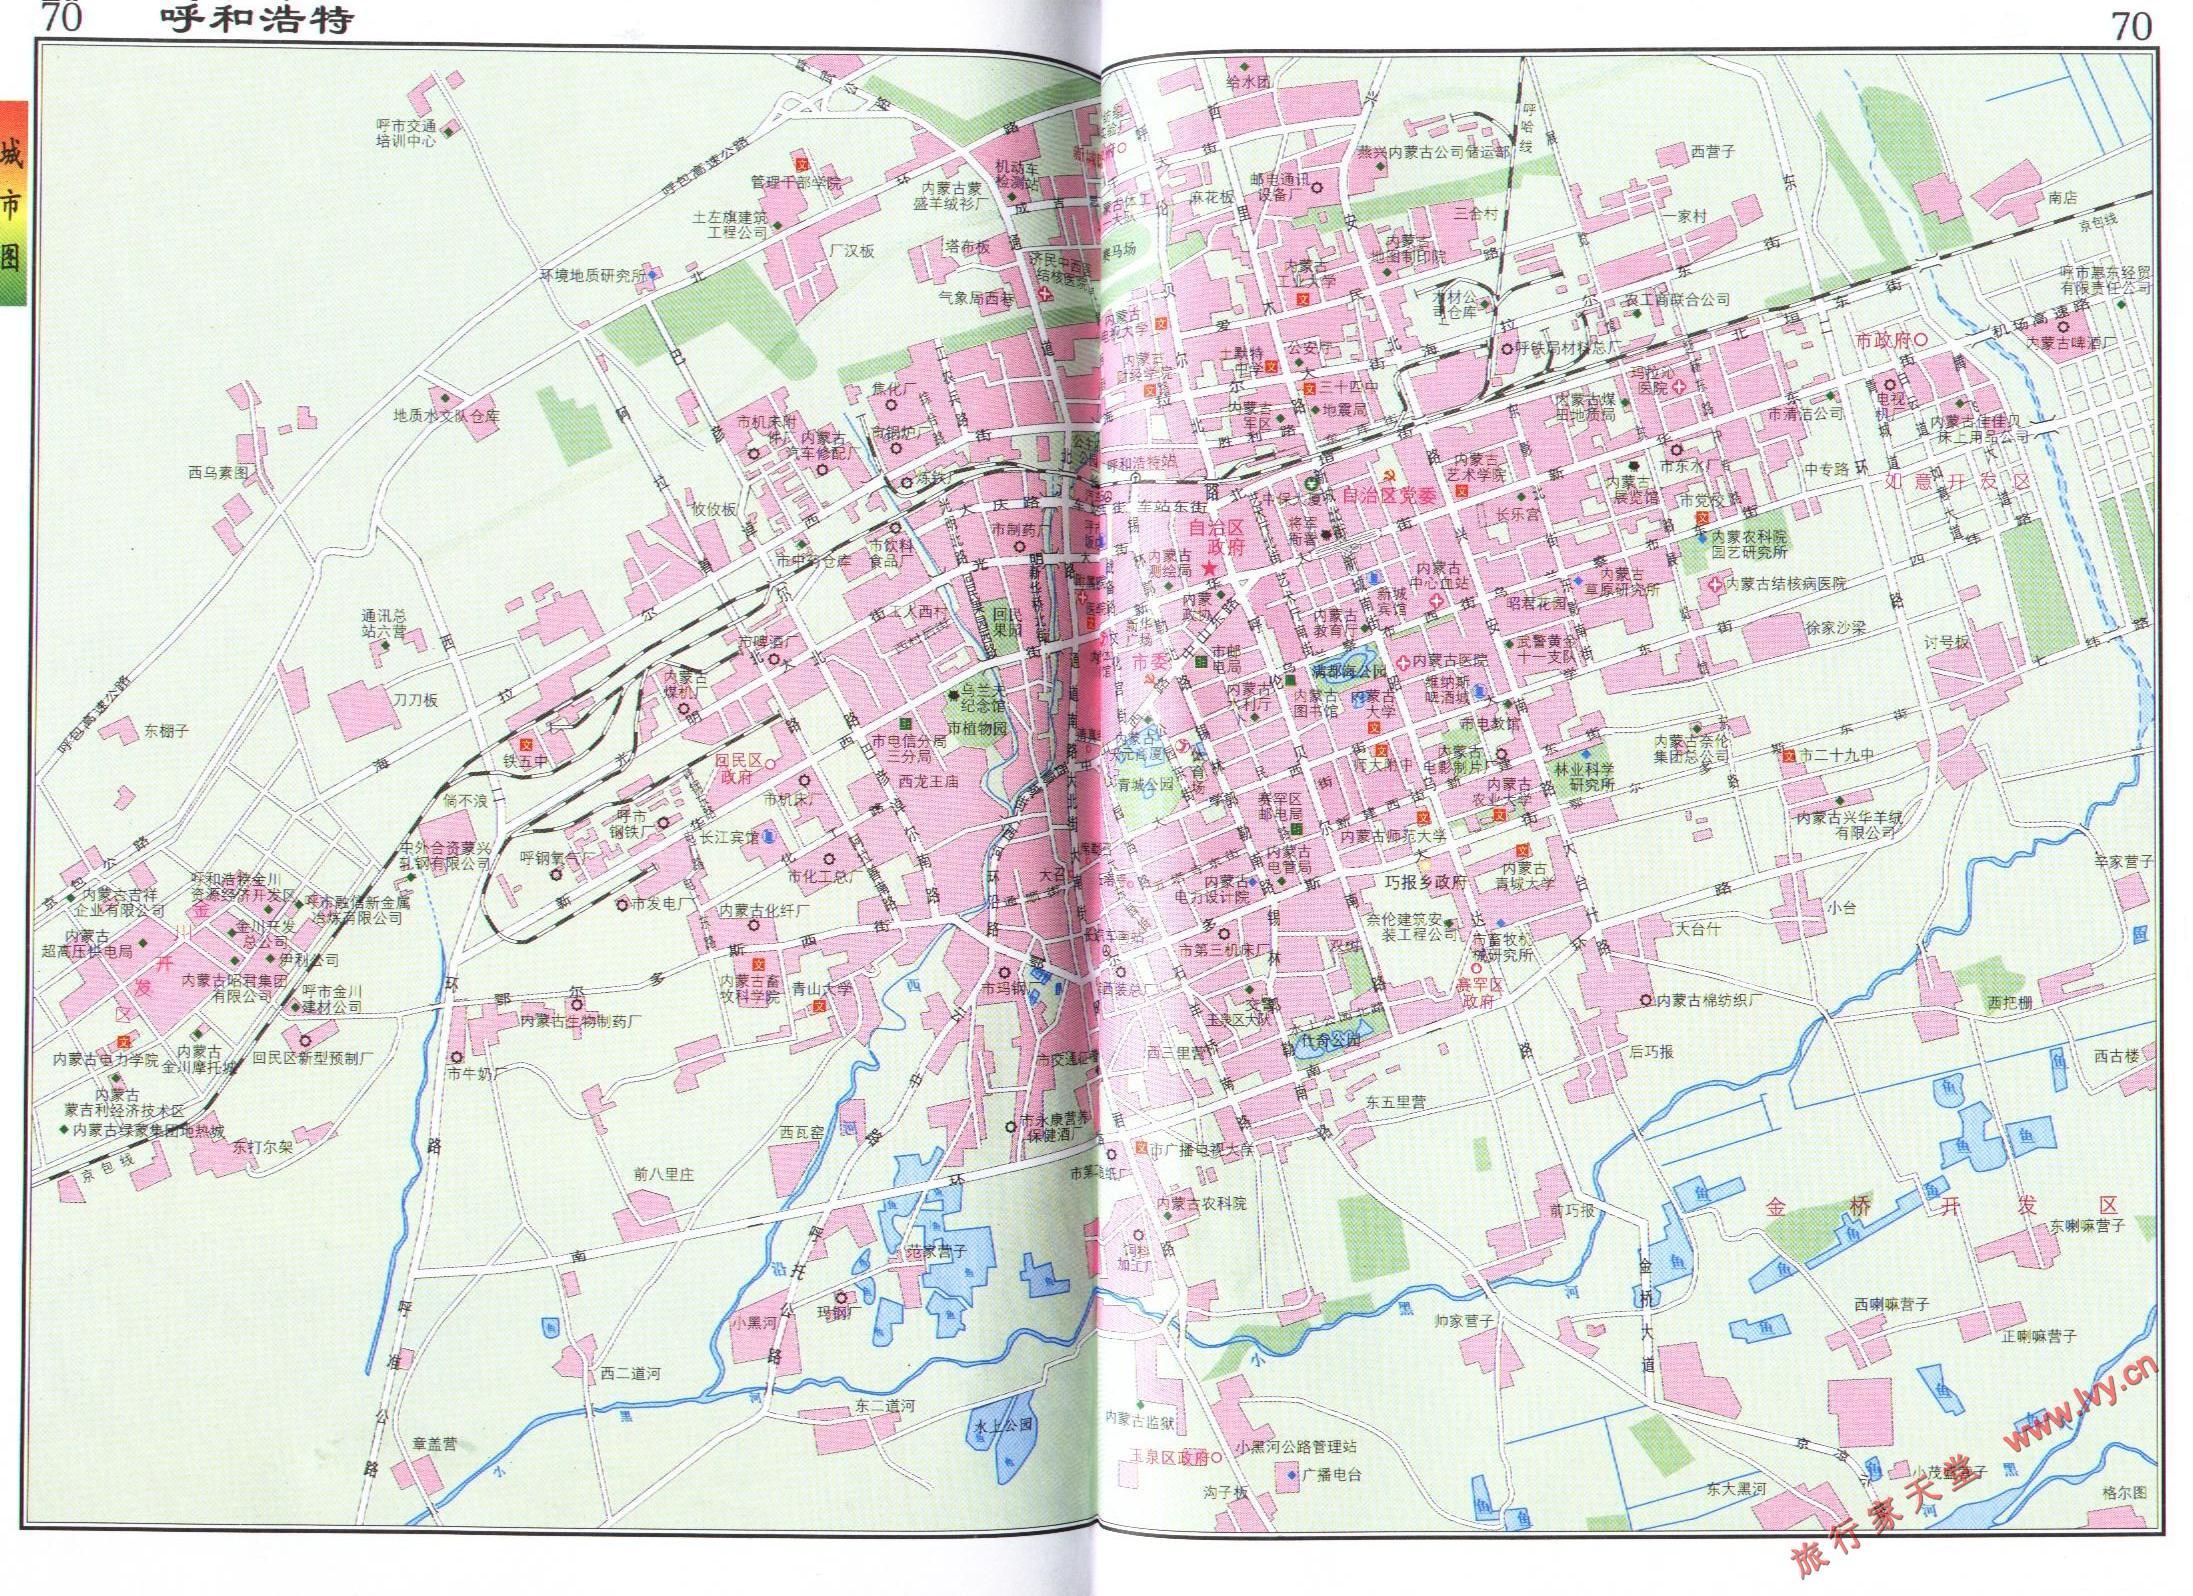 呼和浩特市市区地图